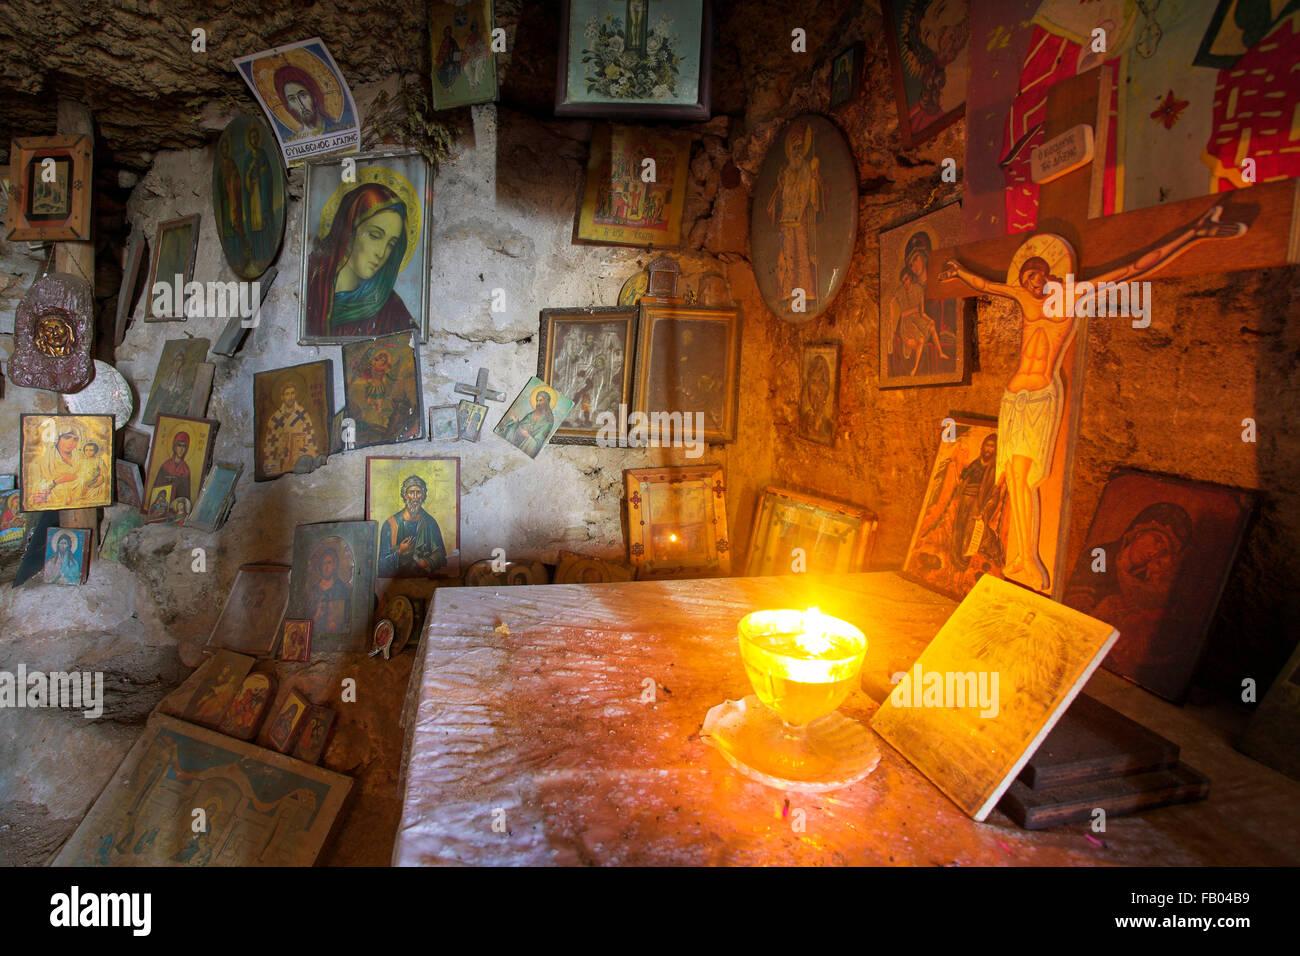 Altare nella grotta, l' Isola di Rodi, Grecia, DODECANNESO Immagini Stock